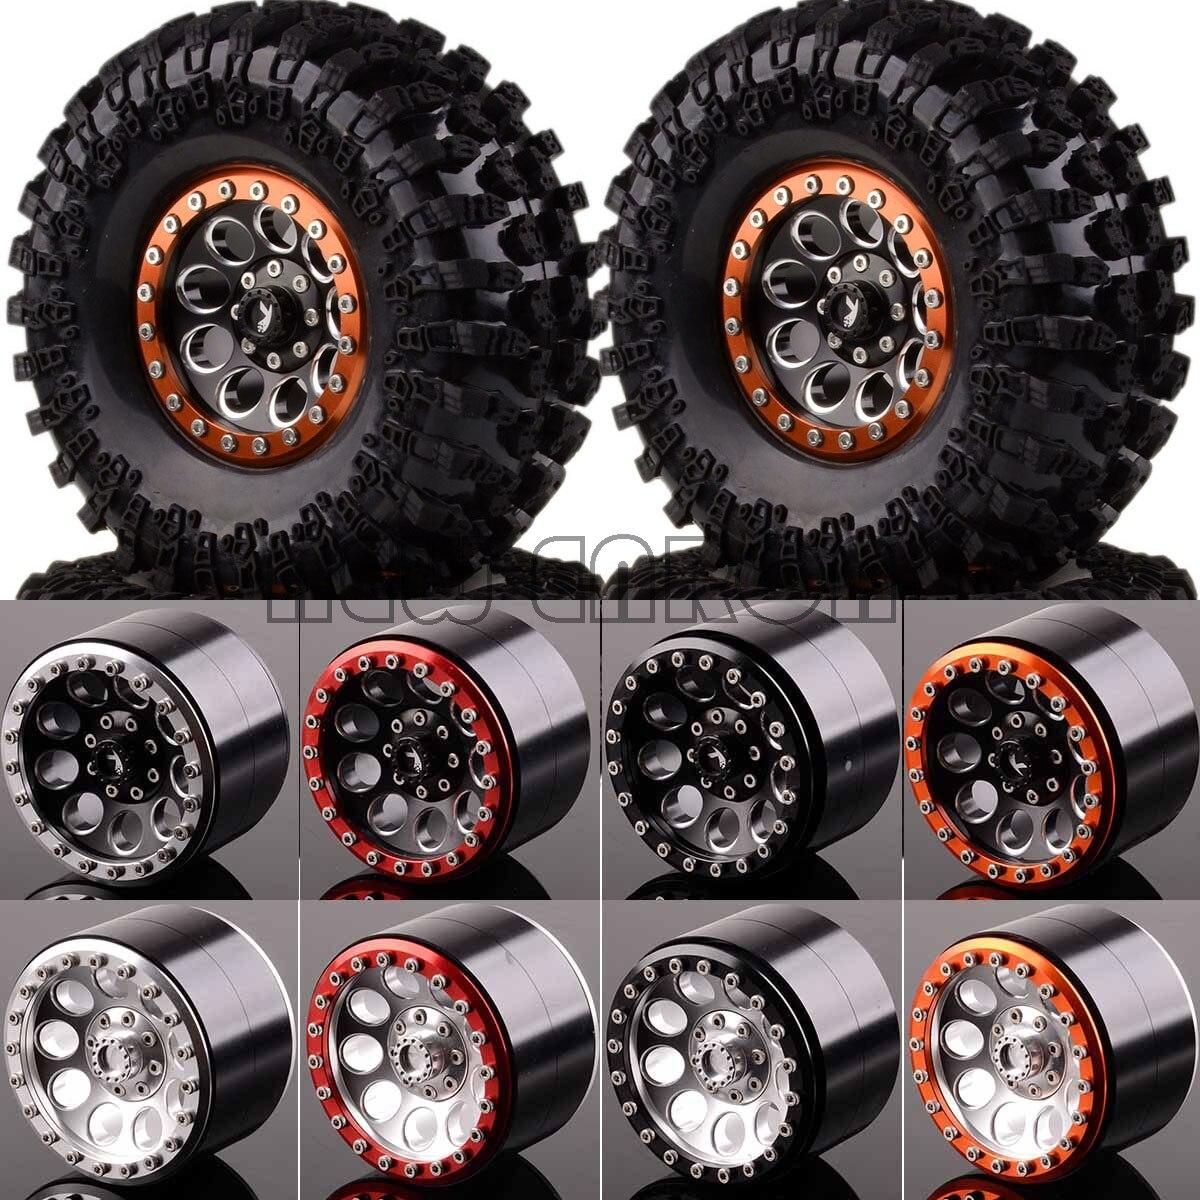 NEW ENRON 1:10 Aluminum 2.2 Beadlock Wheels & Tires 2020-3021 FOR RC 1/10 Axial Traxxas HPI new enron 1 10 set aluminum 2 2 beadlock wheels